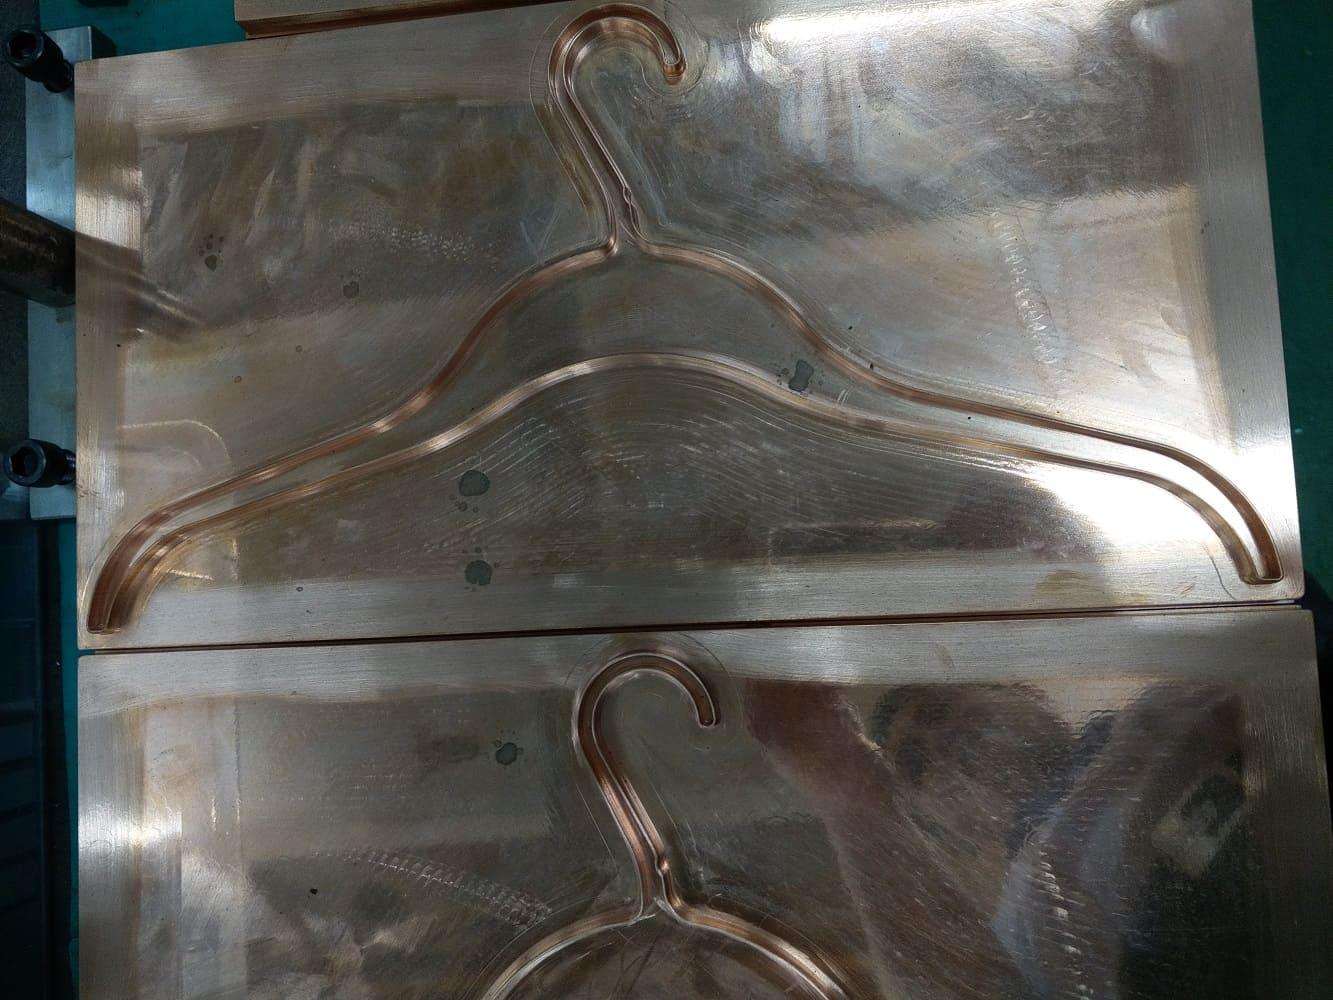 Plastic hanger mold